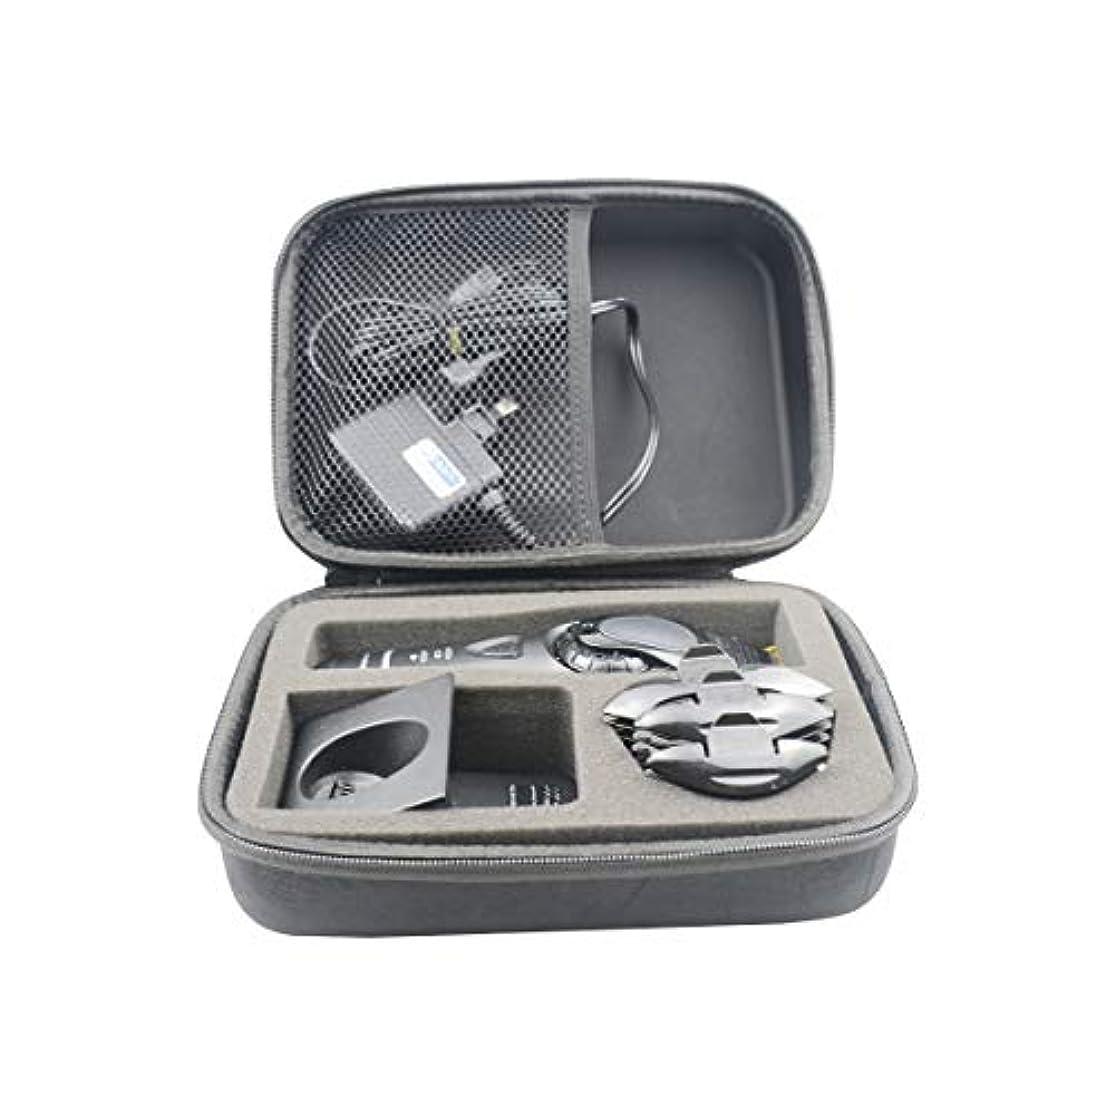 マントペーストグレートバリアリーフSANVSENパナソニックER-GP80 Kプロフェッショナルヘアクリッパーハードスーツケース